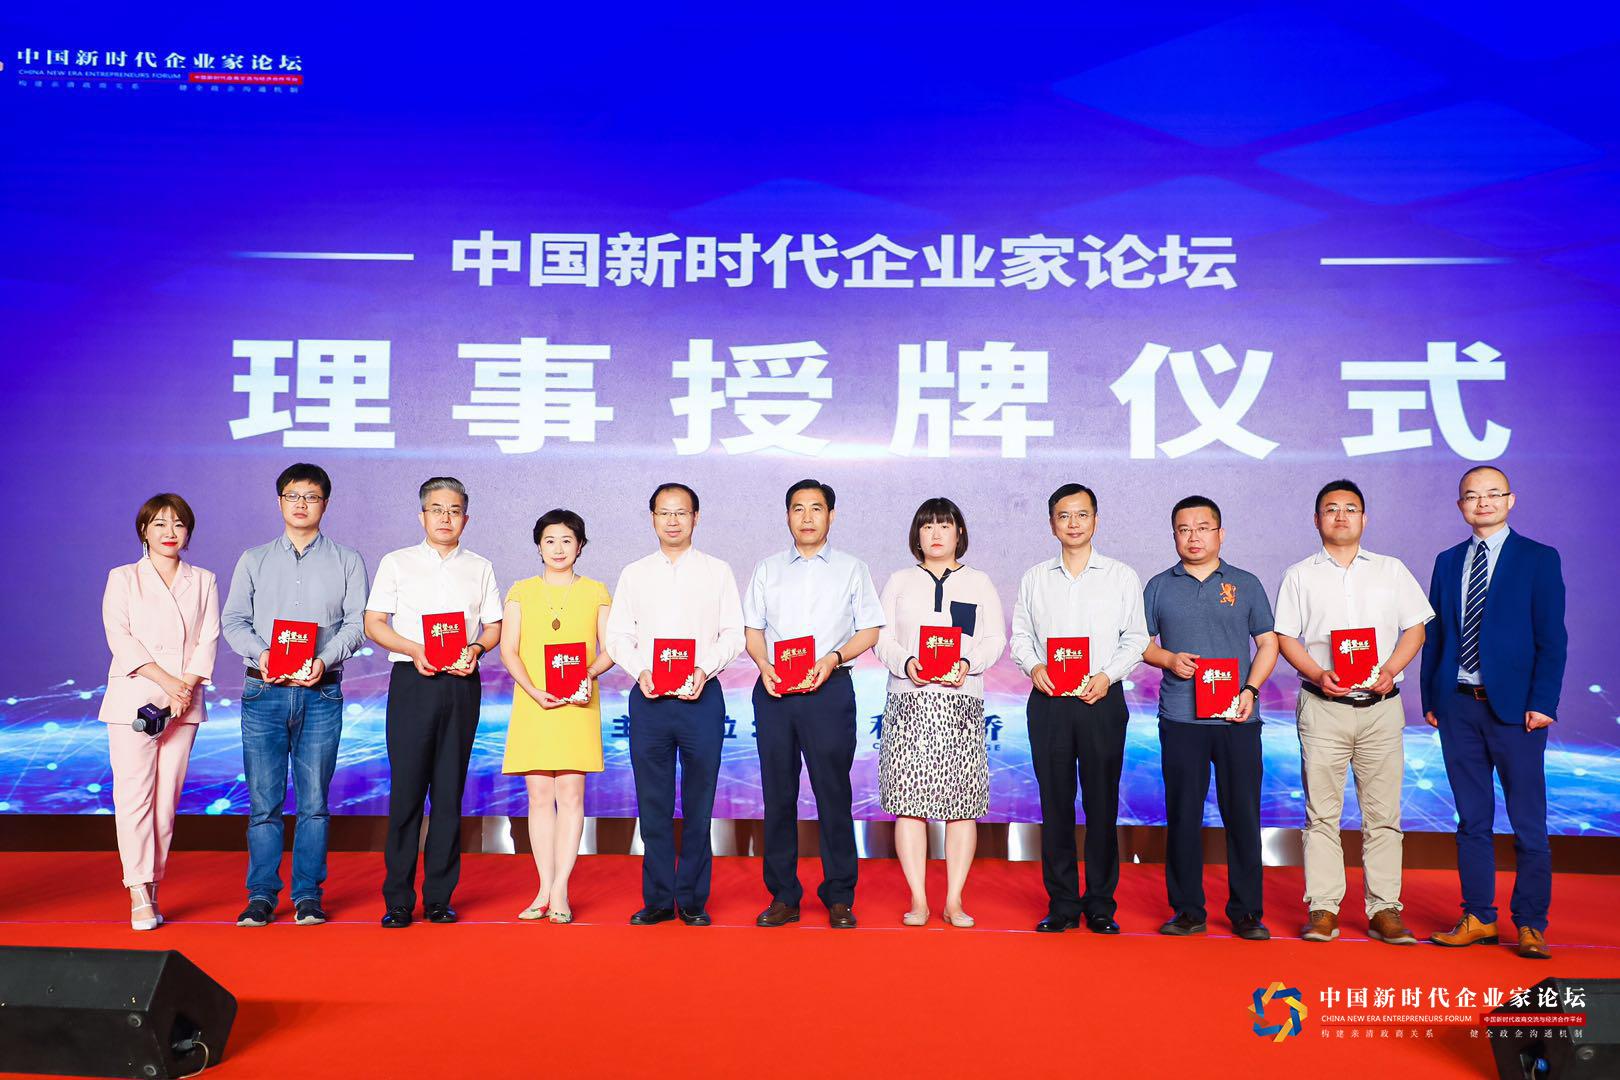 中国新时代企业家论坛理事代表授牌仪式。